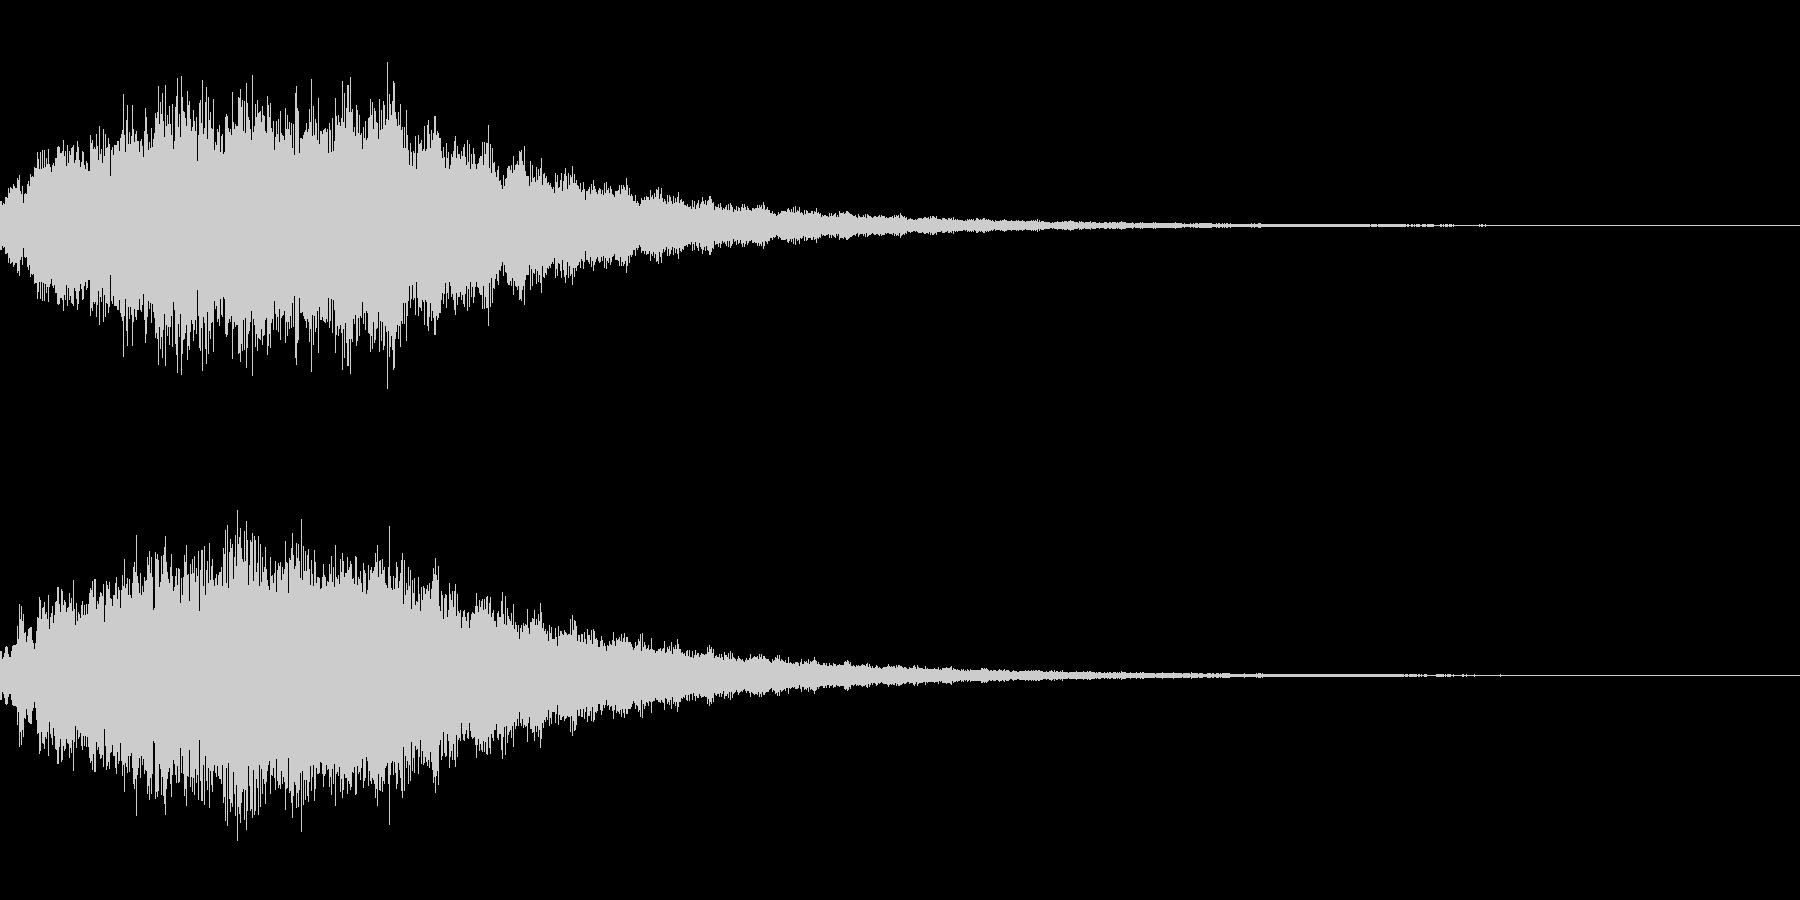 キラキラ シャララーン アイキャッチ07の未再生の波形